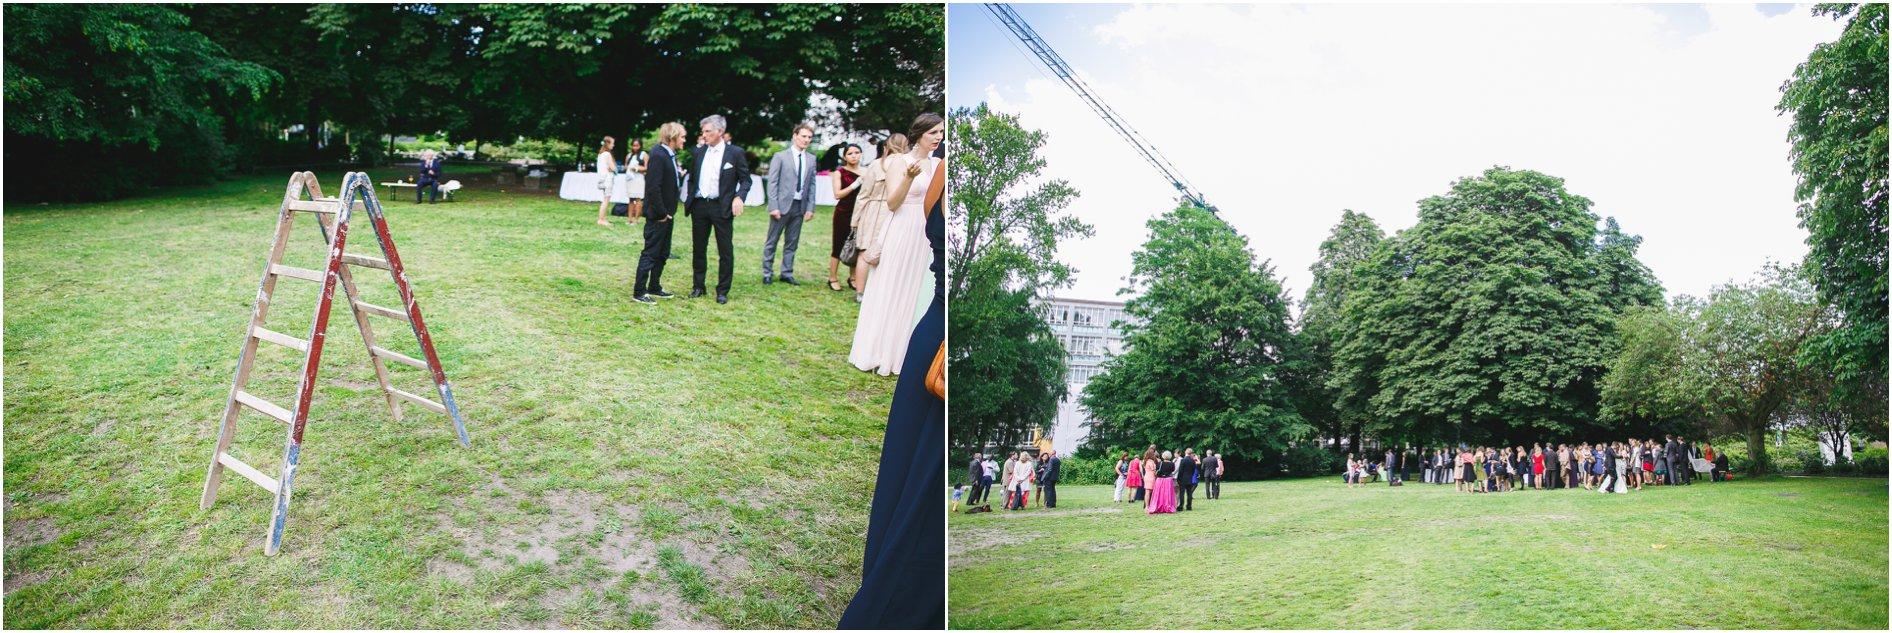 2014-07-16_0297 Über die Elbe mit Sarah & Benny